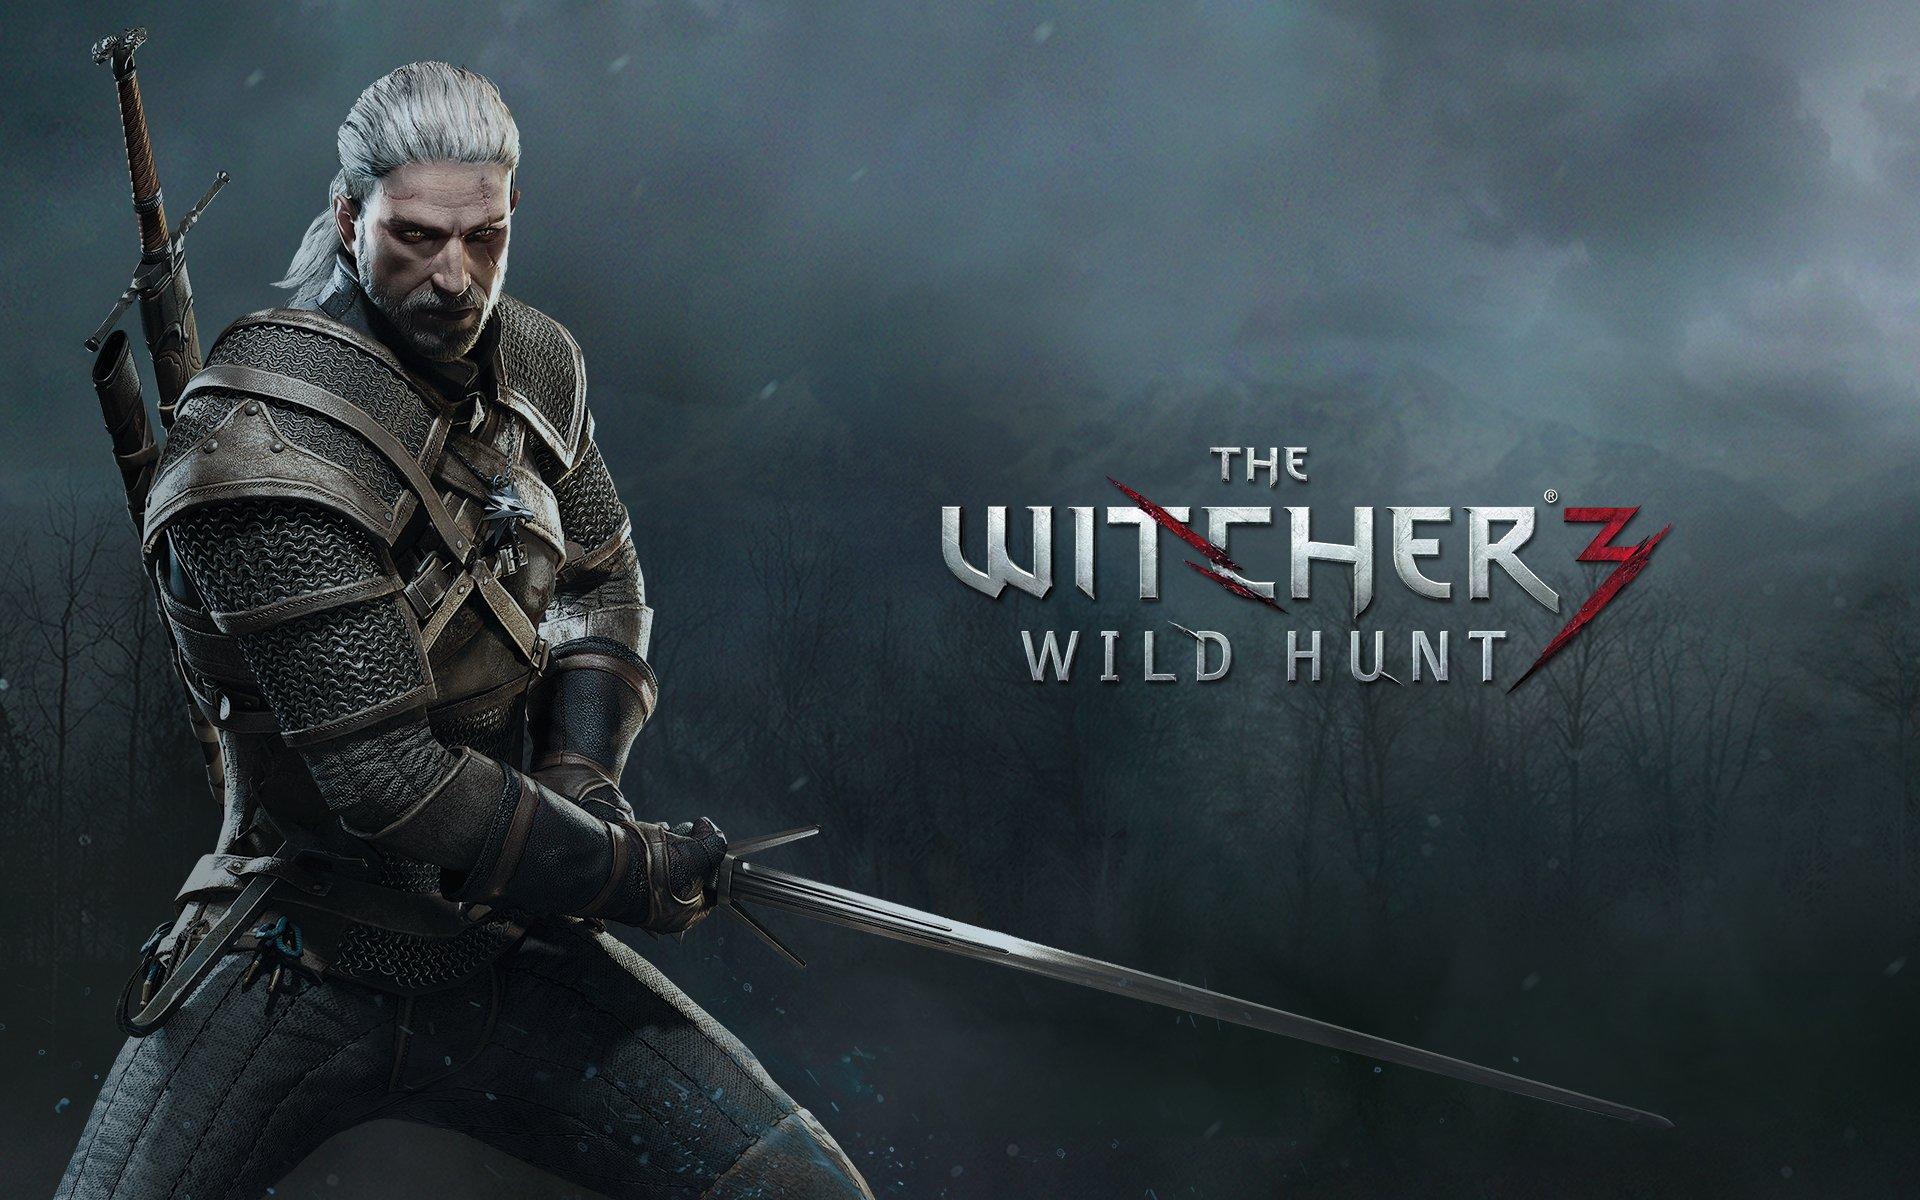 The Witcher 3: Wild Hunt. Русская версия геймплейного трейлера.    Русская версия опубликованного ранее трейлера, де ... - Изображение 1